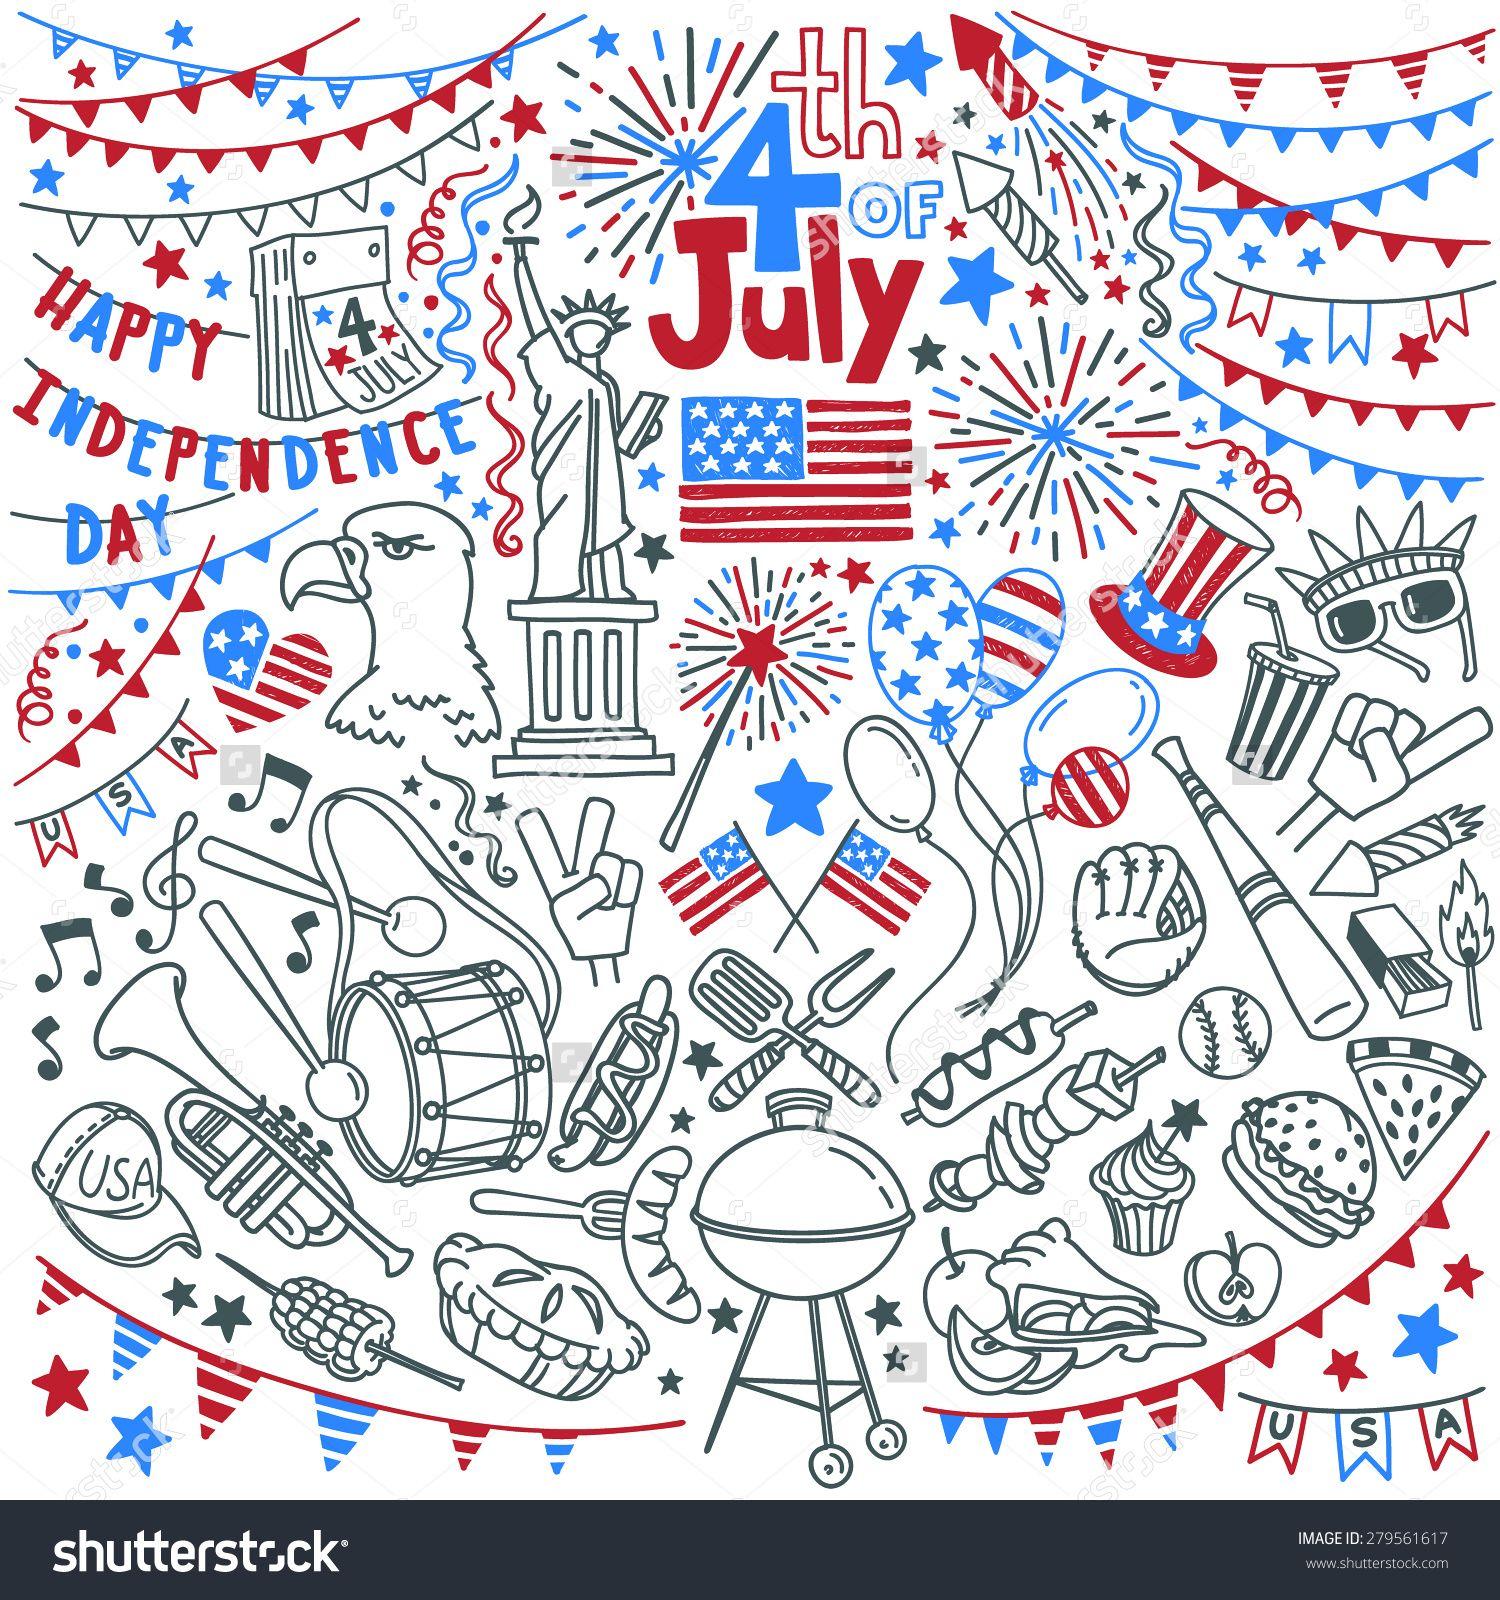 Image result for festival doodles Art journal prompts